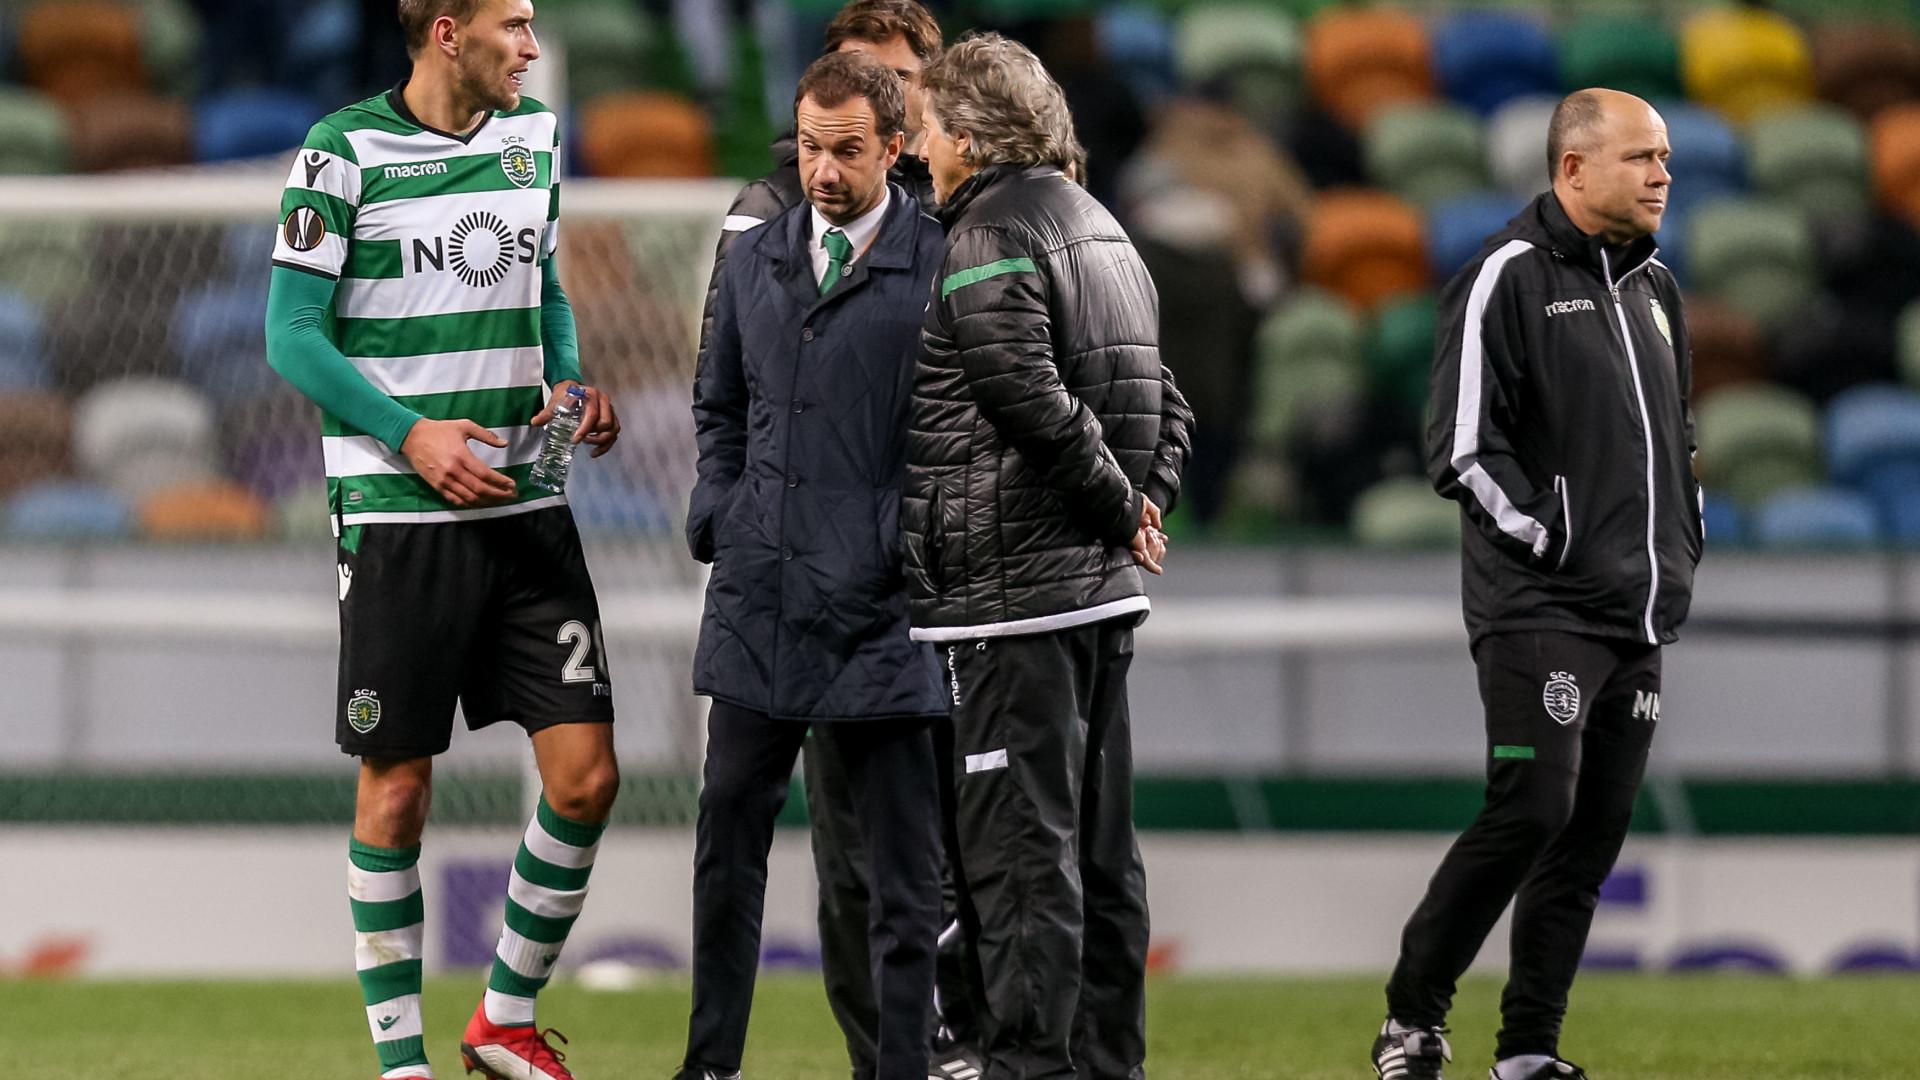 """Sporting lamenta demissão """"inusitada"""" de Frederico Varandas"""